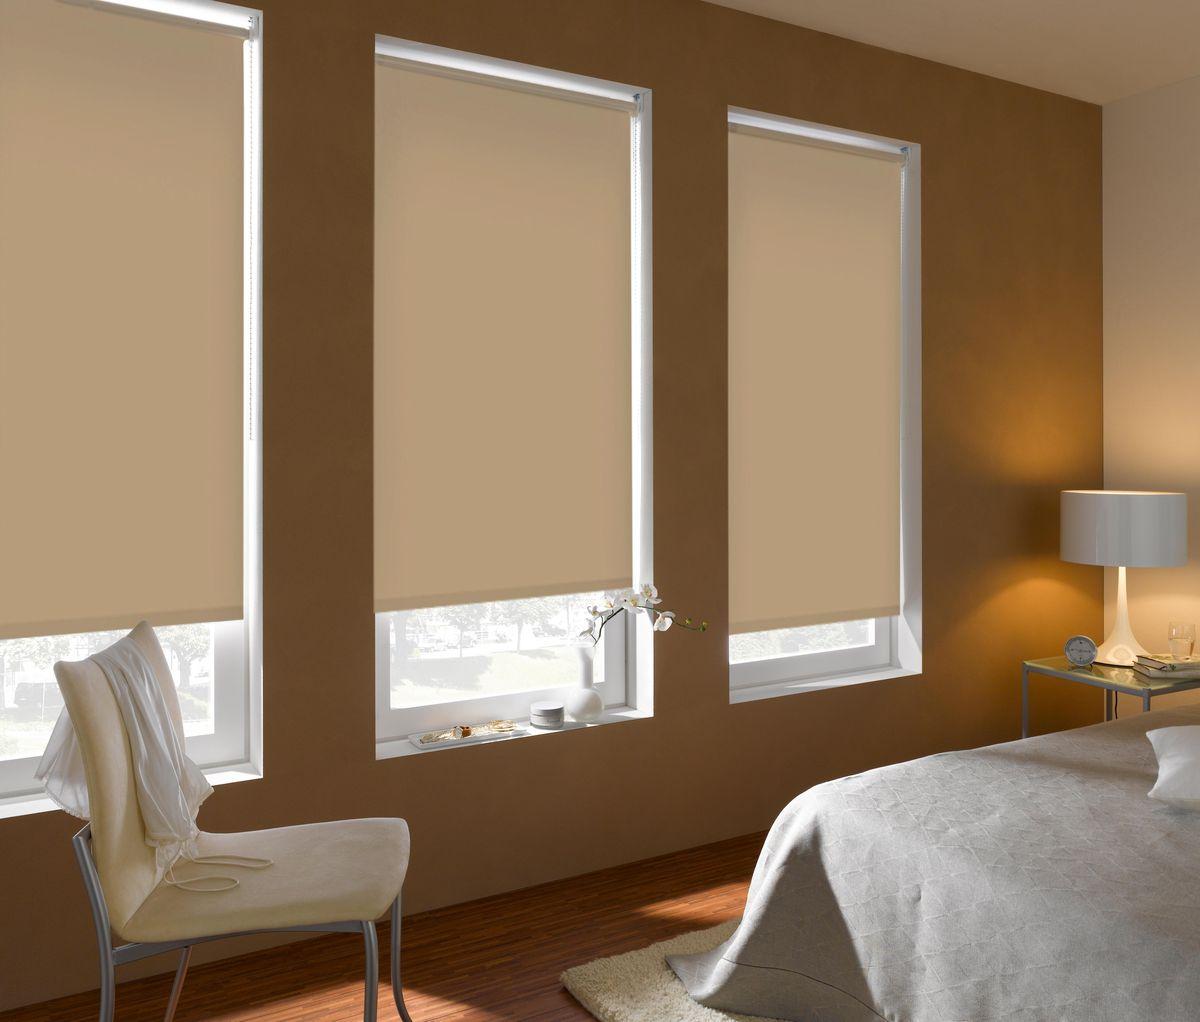 Штора рулонная Эскар Blackout, светонепроницаемая, цвет: бежевый, ширина 140 см, высота 170 см84009140170Рулонными шторами можно оформлять окна как самостоятельно, так и использовать в комбинации с портьерами. Это поможет предотвратить выгорание дорогой ткани на солнце и соединит функционал рулонных с красотой навесных. Преимущества применения рулонных штор для пластиковых окон: - имеют прекрасный внешний вид: многообразие и фактурность материала изделия отлично смотрятся в любом интерьере; - многофункциональны: есть возможность подобрать шторы способные эффективно защитить комнату от солнца, при этом она не будет слишком темной. - Есть возможность осуществить быстрый монтаж. ВНИМАНИЕ! Размеры ширины изделия указаны по ширине ткани! Во время эксплуатации не рекомендуется полностью разматывать рулон, чтобы не оторвать ткань от намоточного вала. В случае загрязнения поверхности ткани, чистку шторы проводят одним из способов, в зависимости от типа загрязнения: легкое поверхностное загрязнение можно удалить при...